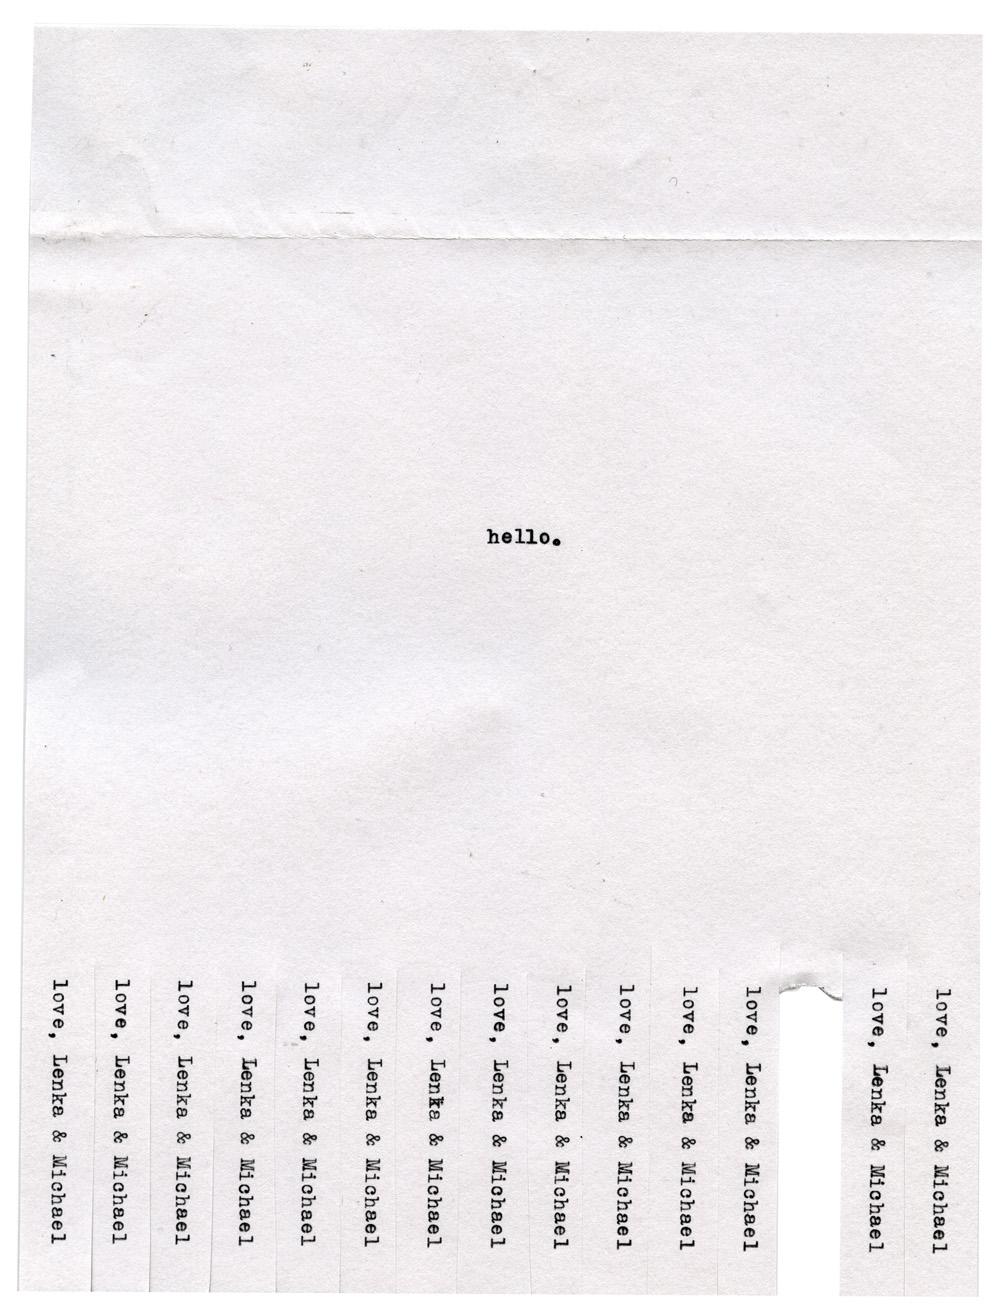 mysterious_letters_den085.jpg